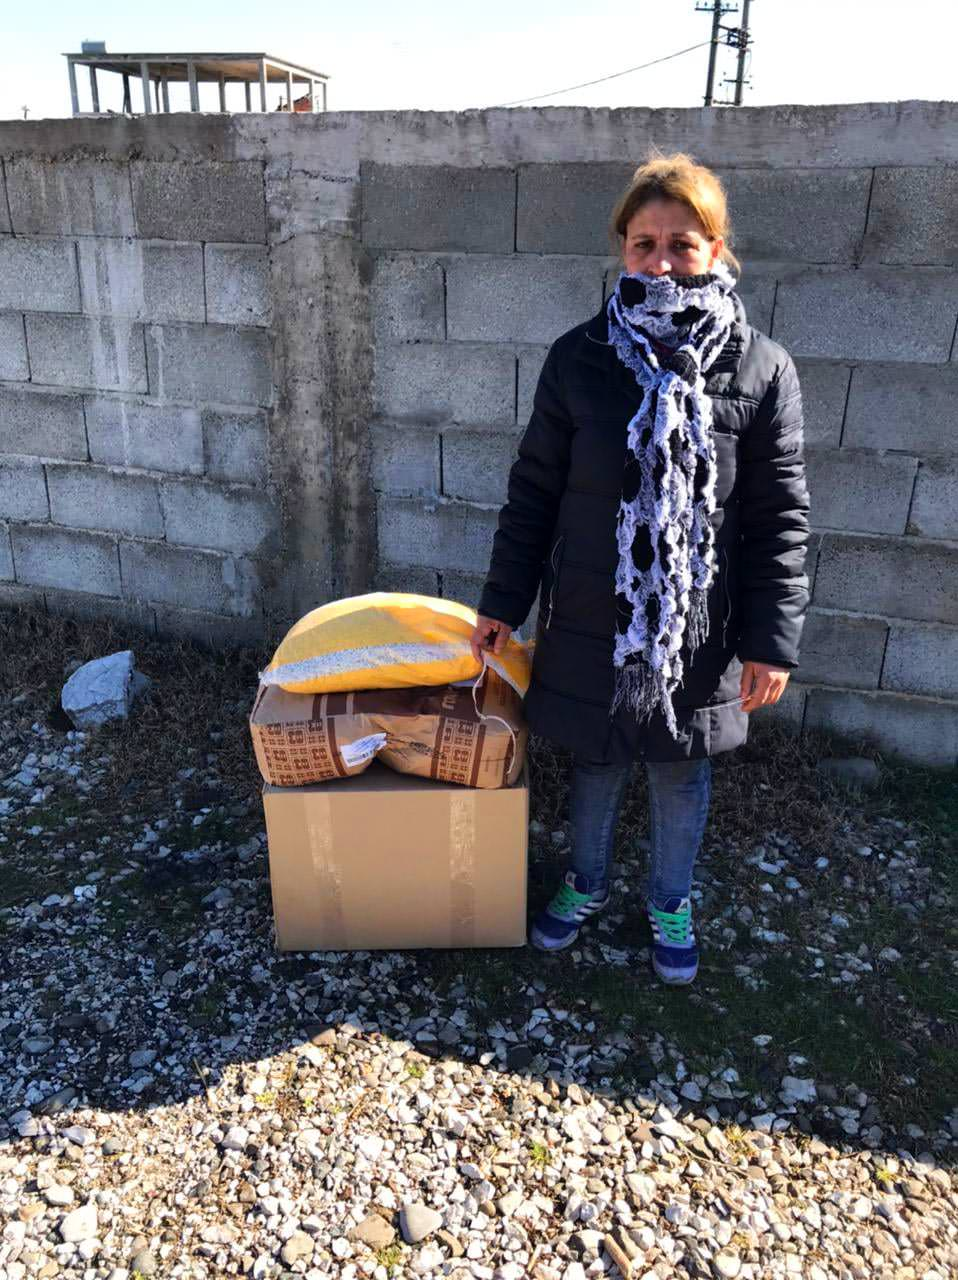 Εκκλησία Αλβανίας στηρίζει μετανάστες